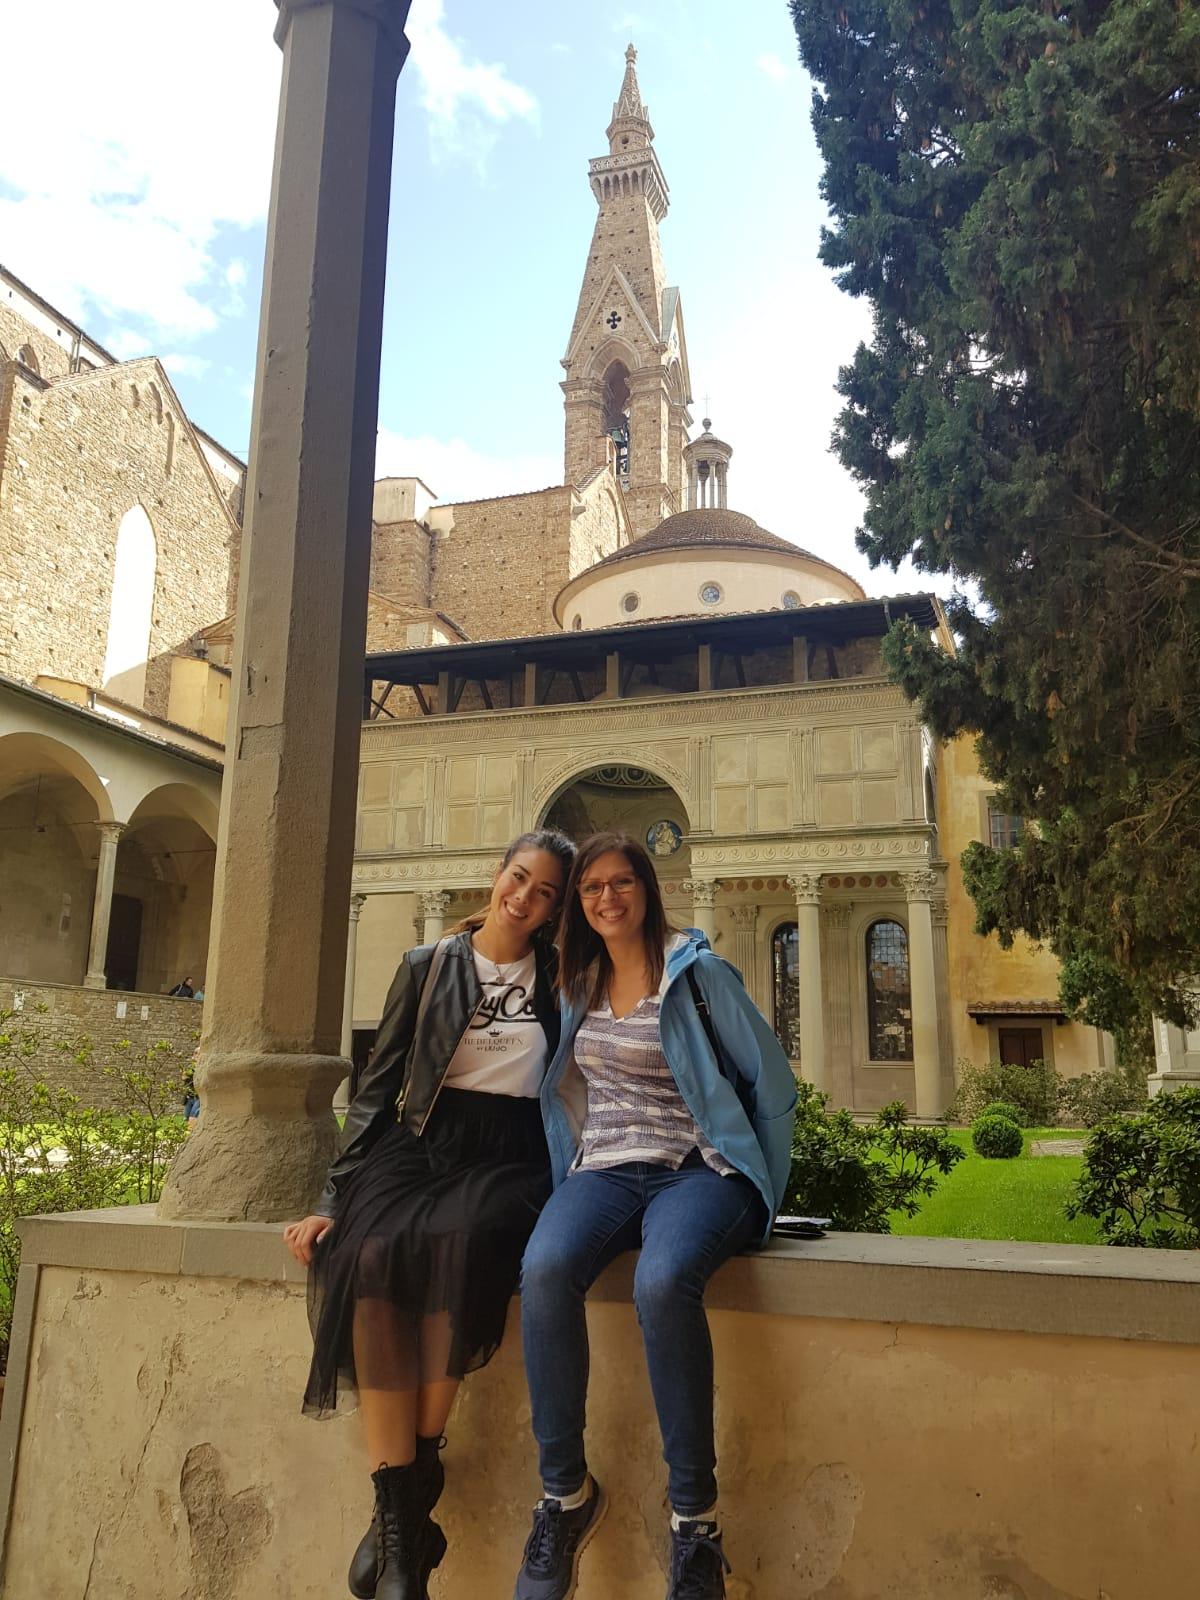 Firenze una meravigliosa esperienza di due giorni. Chiostro Santa Croce